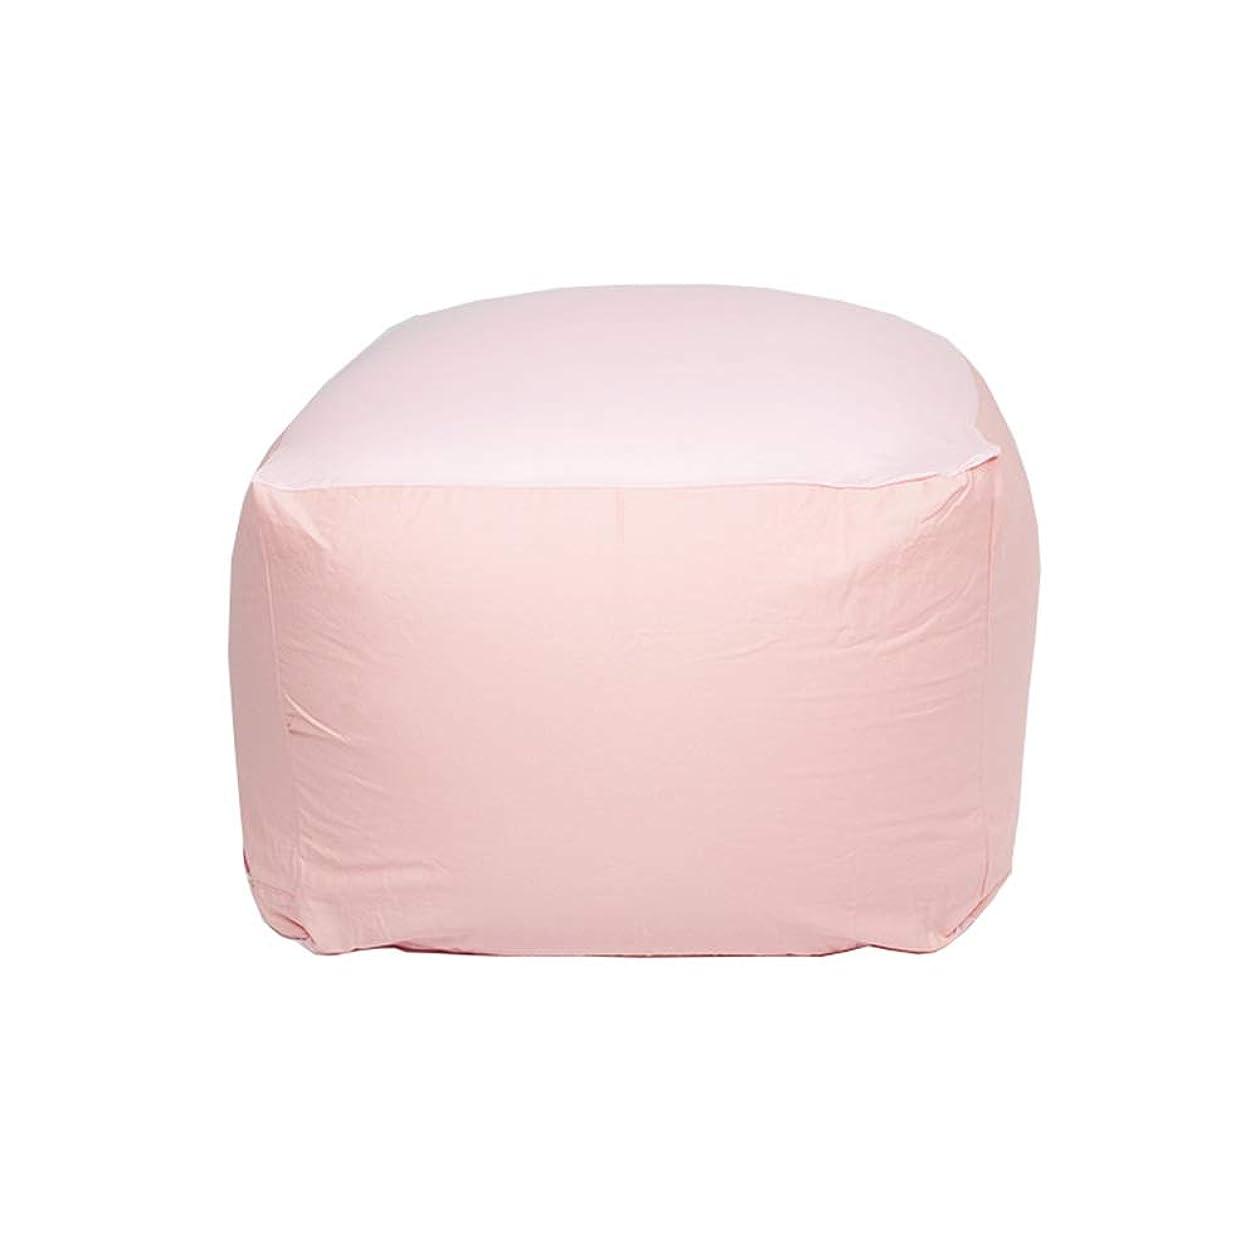 大邸宅正規化サーマルソファ 泡の家具のビーンバッグ - 柔らかい取り外し可能な綿および麻布の家具のソファーの椅子が付いているソファー ホームソファー (色 : ピンク, サイズ : 65*65*43cm)